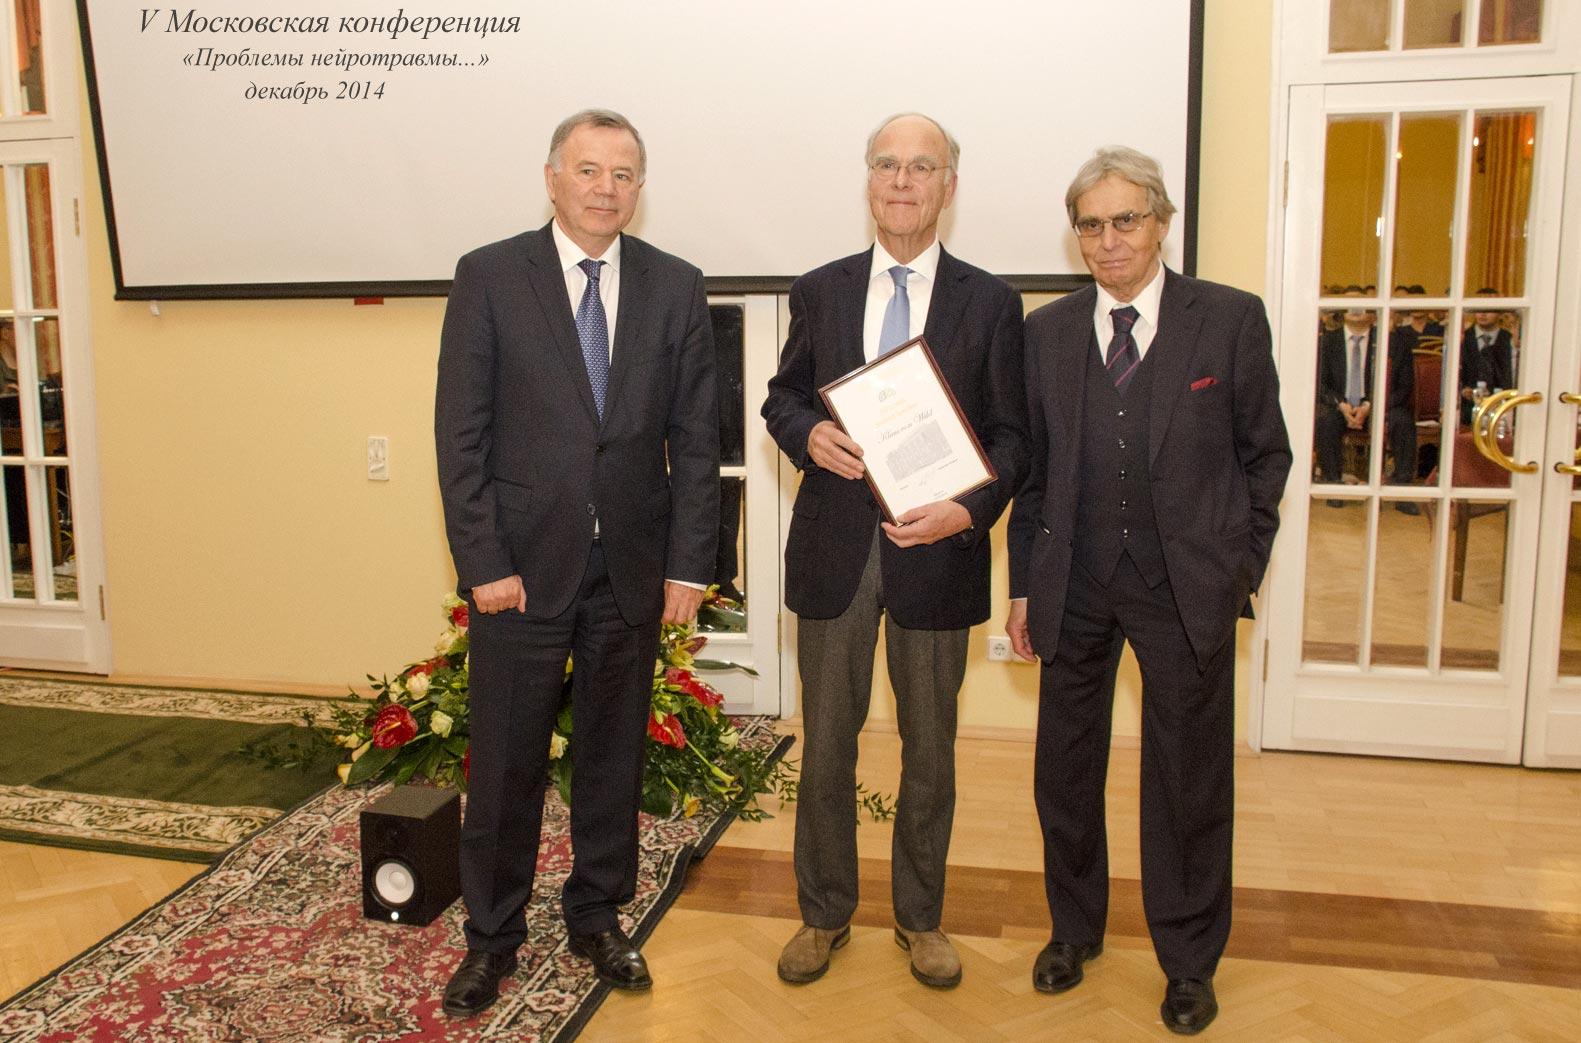 Symposium on occasion of Prof. Konovalov Birthday 12.12.2014 Burdenko Institute, RU